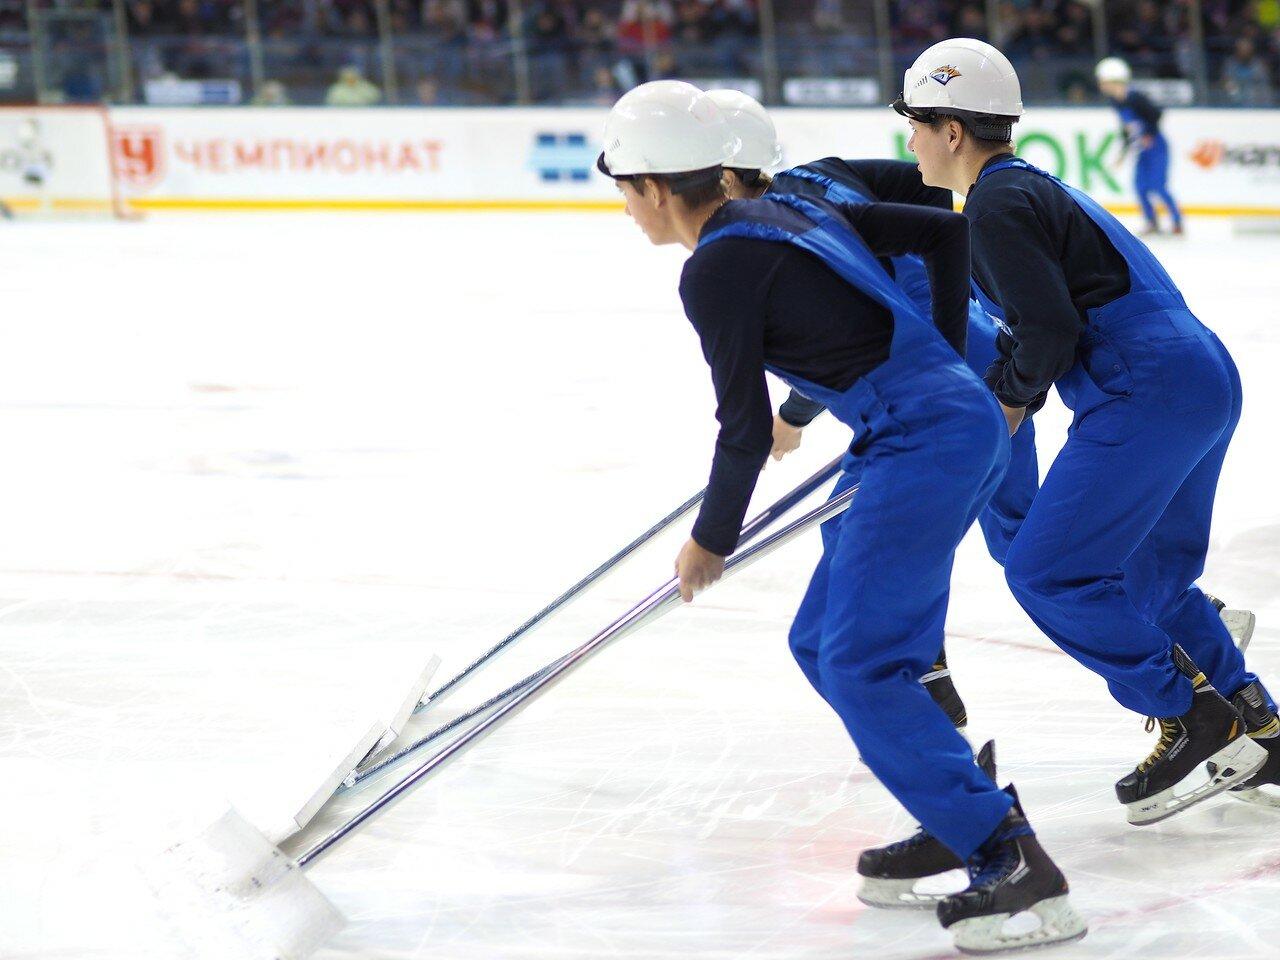 100 Первая игра финала плей-офф восточной конференции 2017 Металлург - АкБарс 24.03.2017